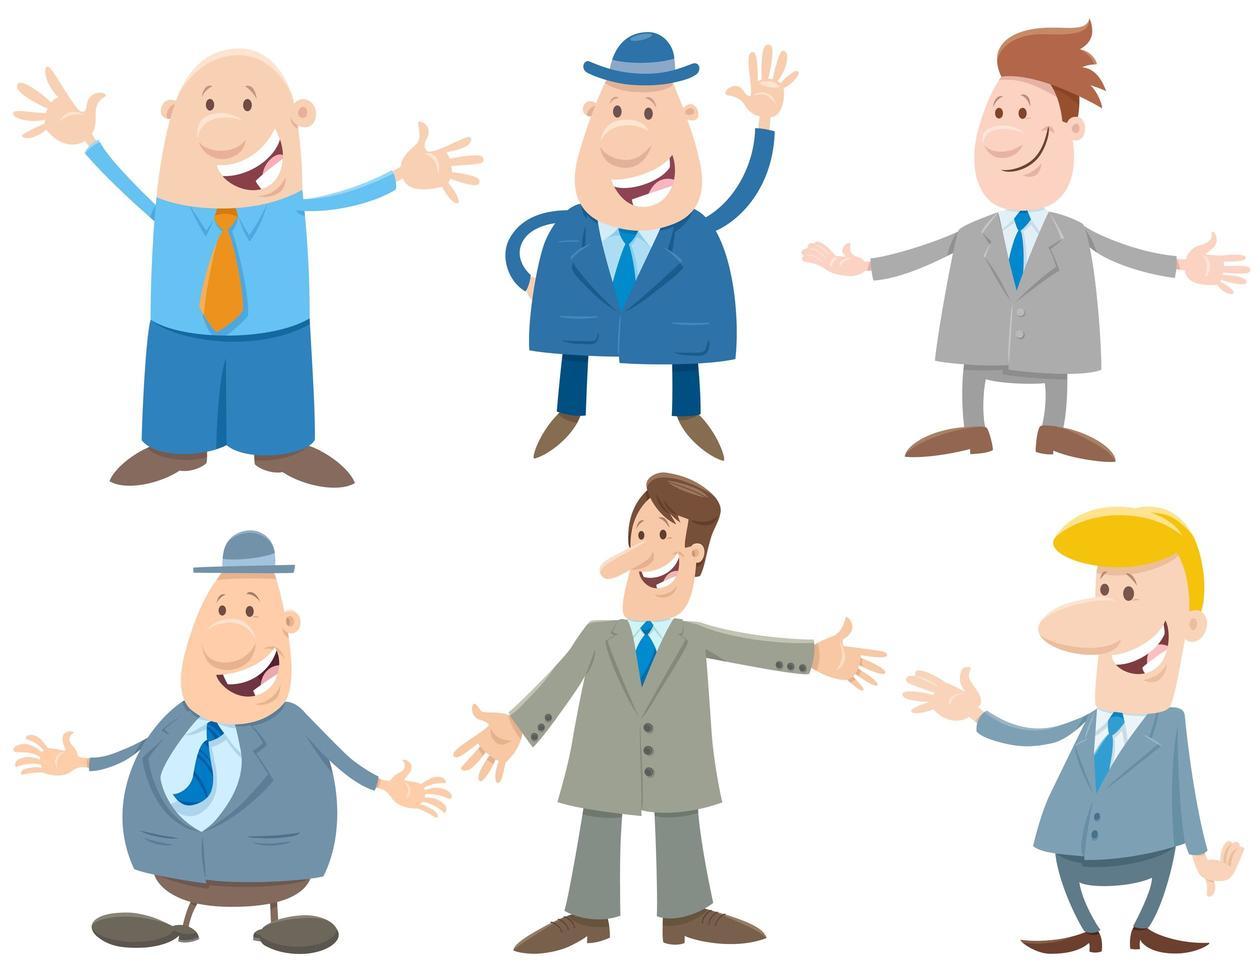 Businessmen or men cartoon characters set vector